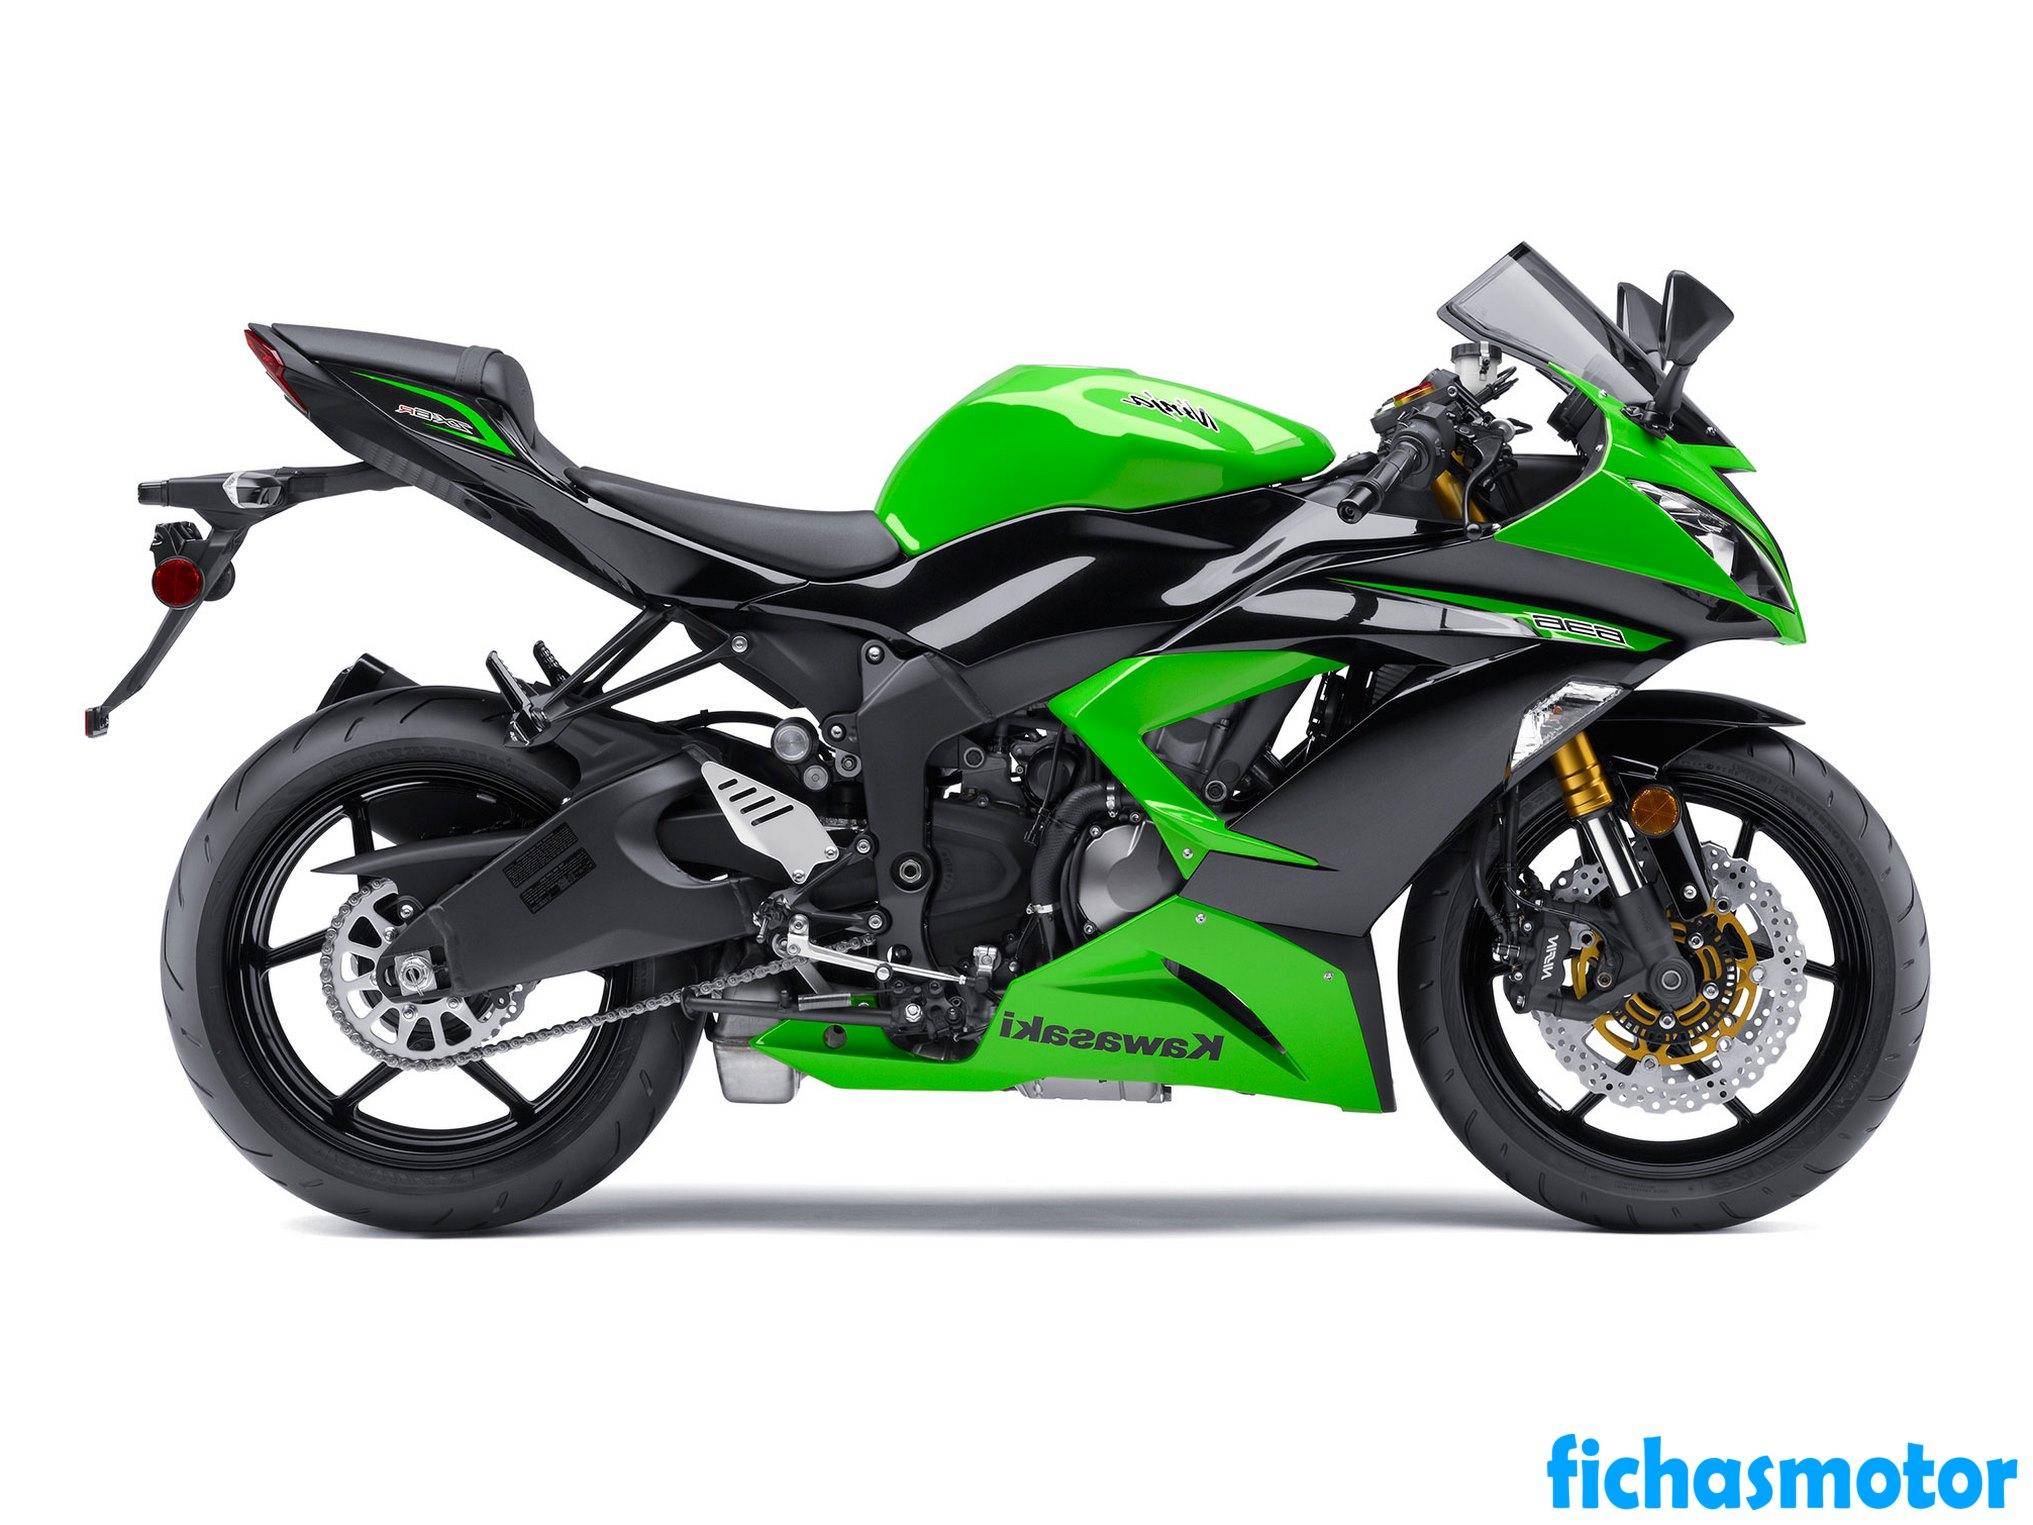 Ficha técnica Kawasaki ninja zx -6r 2013